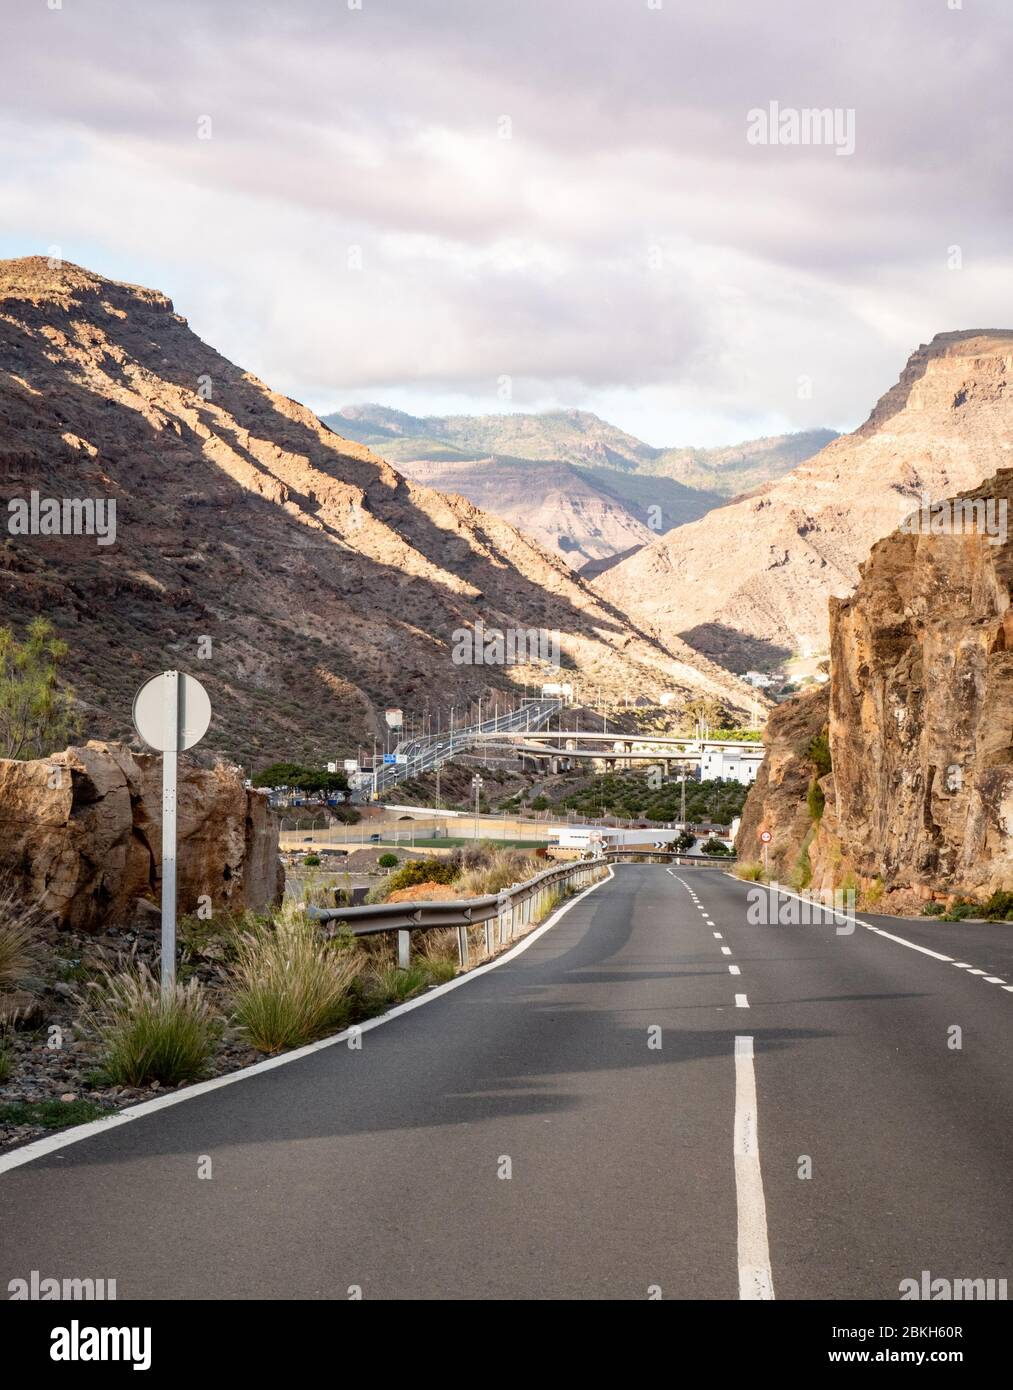 Paso de la montaña. Un camino vacío que conduce a las montañas rocosas de Gran Canaria, una de las más grandes de las Islas Canarias. Foto de stock